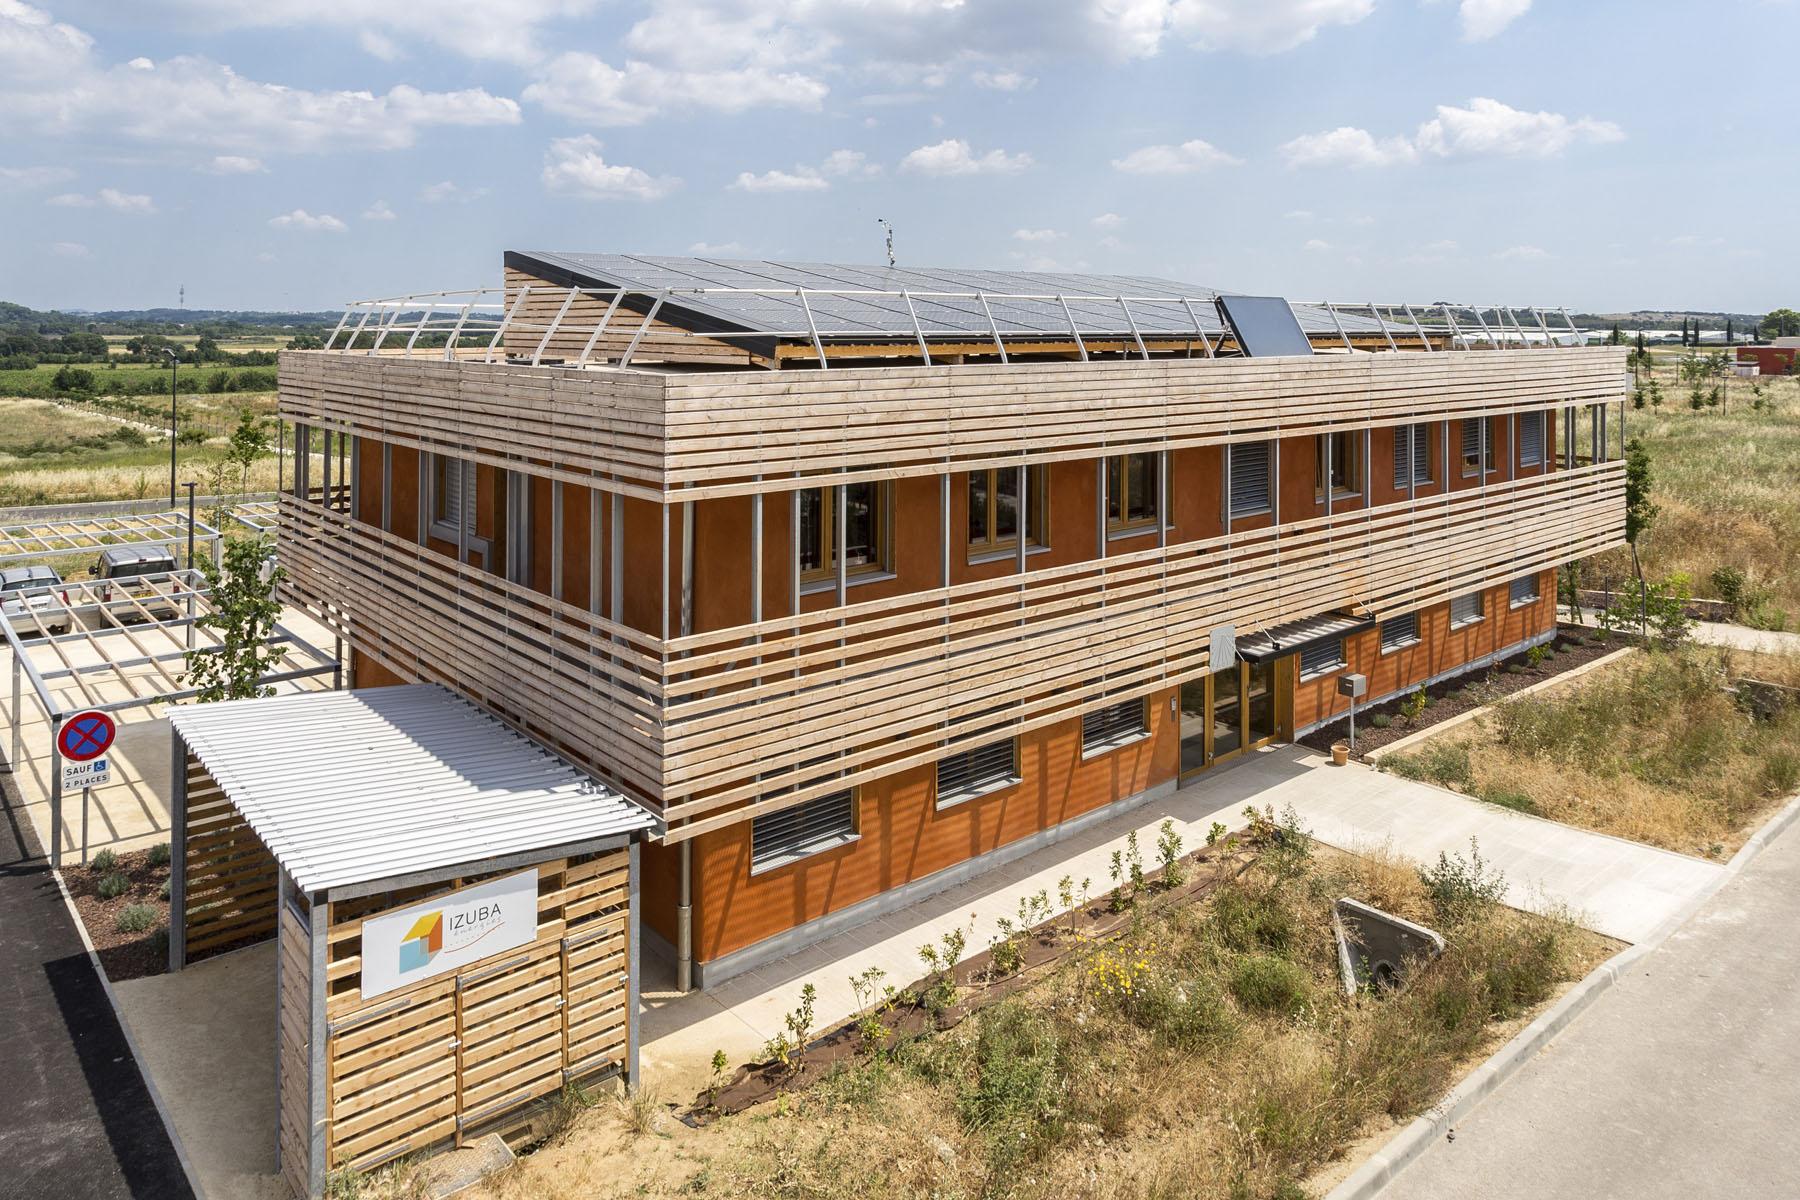 Les bureaux Enertech et Izuba Energies